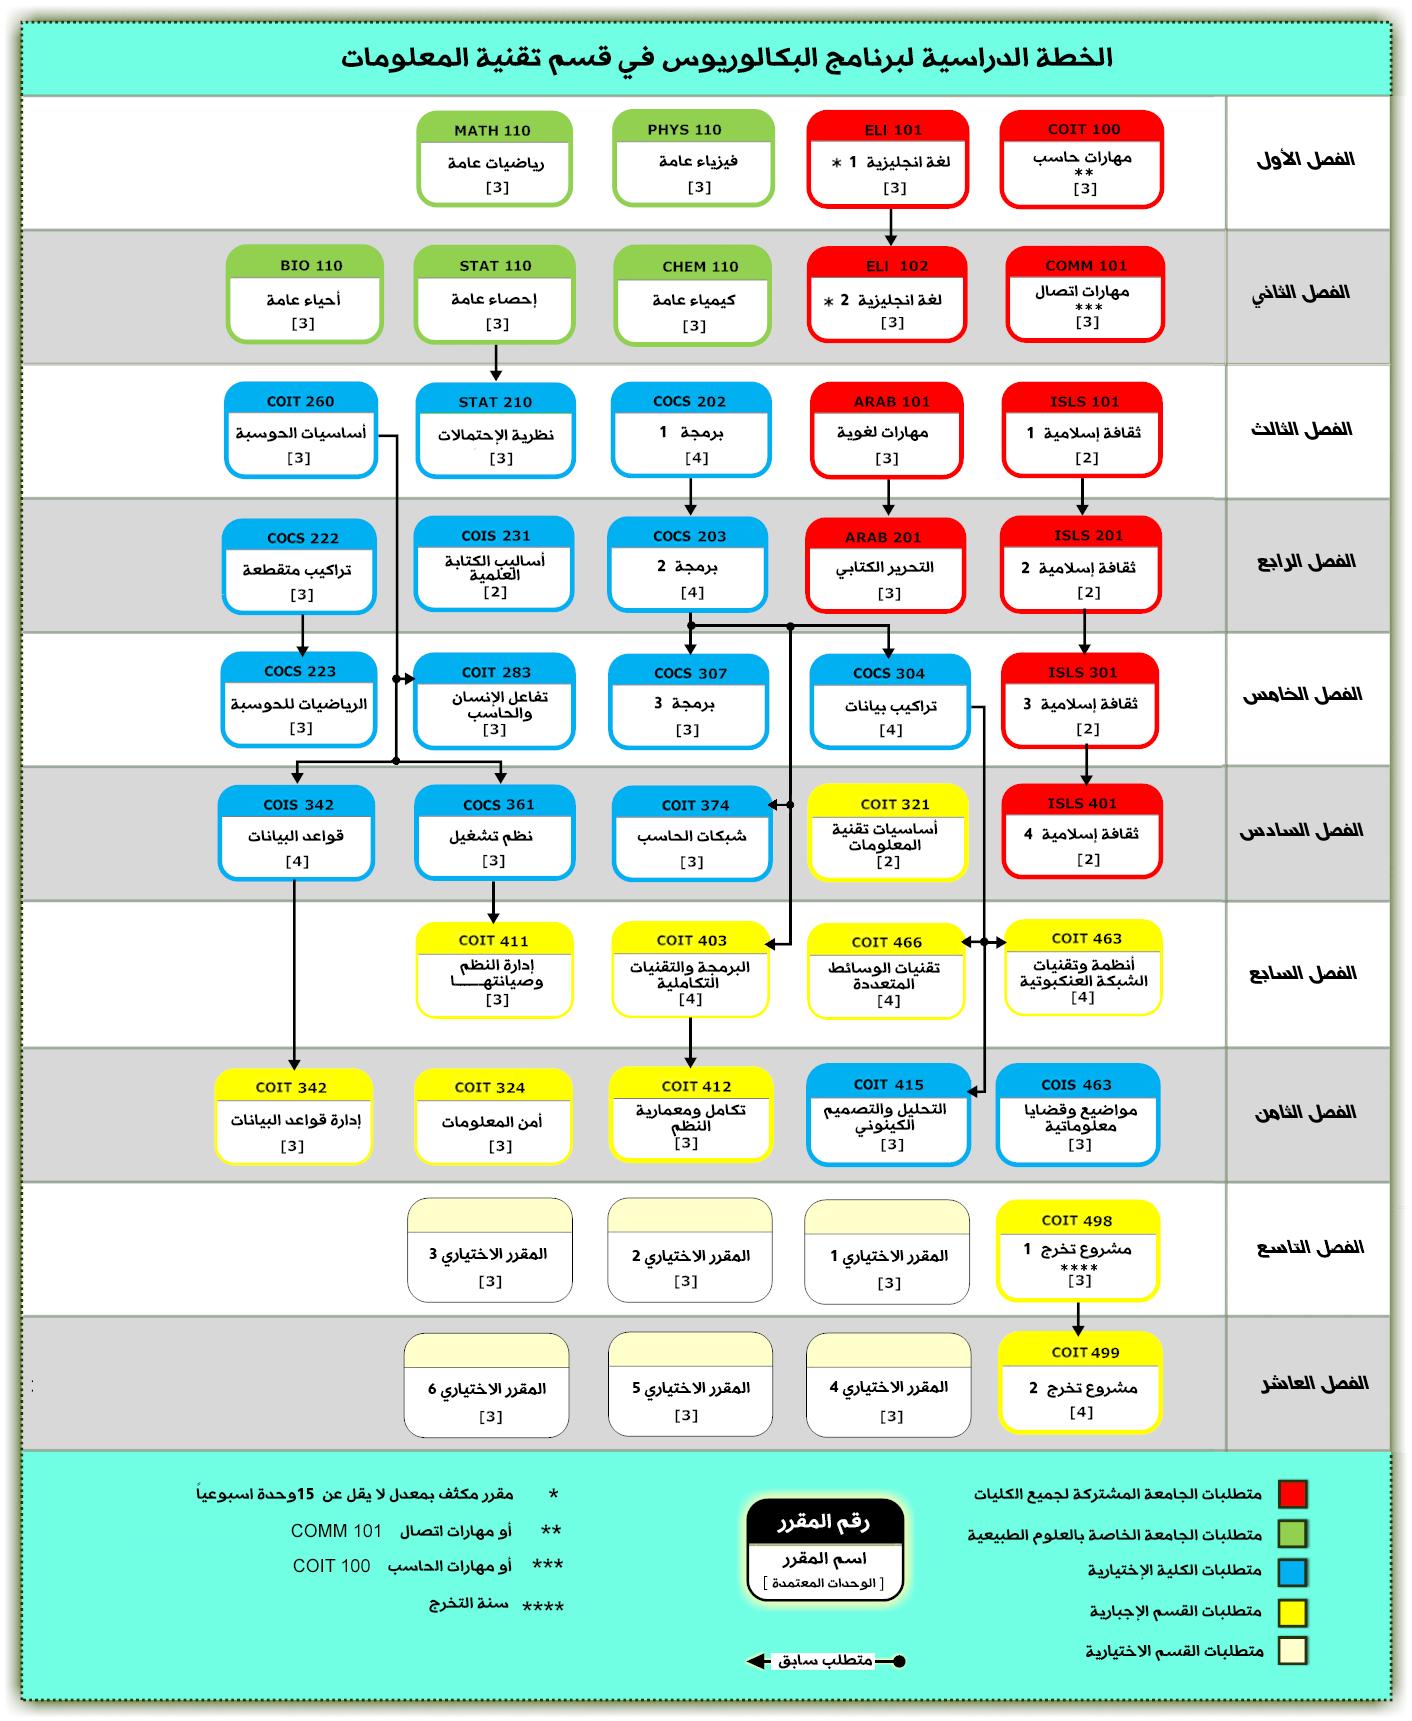 كلية الحاسبات وتقنية المعلومات برابغ قسم تقنية المعلومات الخطة الدراسية لبرنامج البكالوريس في قسم تقنية المعلومات للعام الجامعي 1432 1433هـ